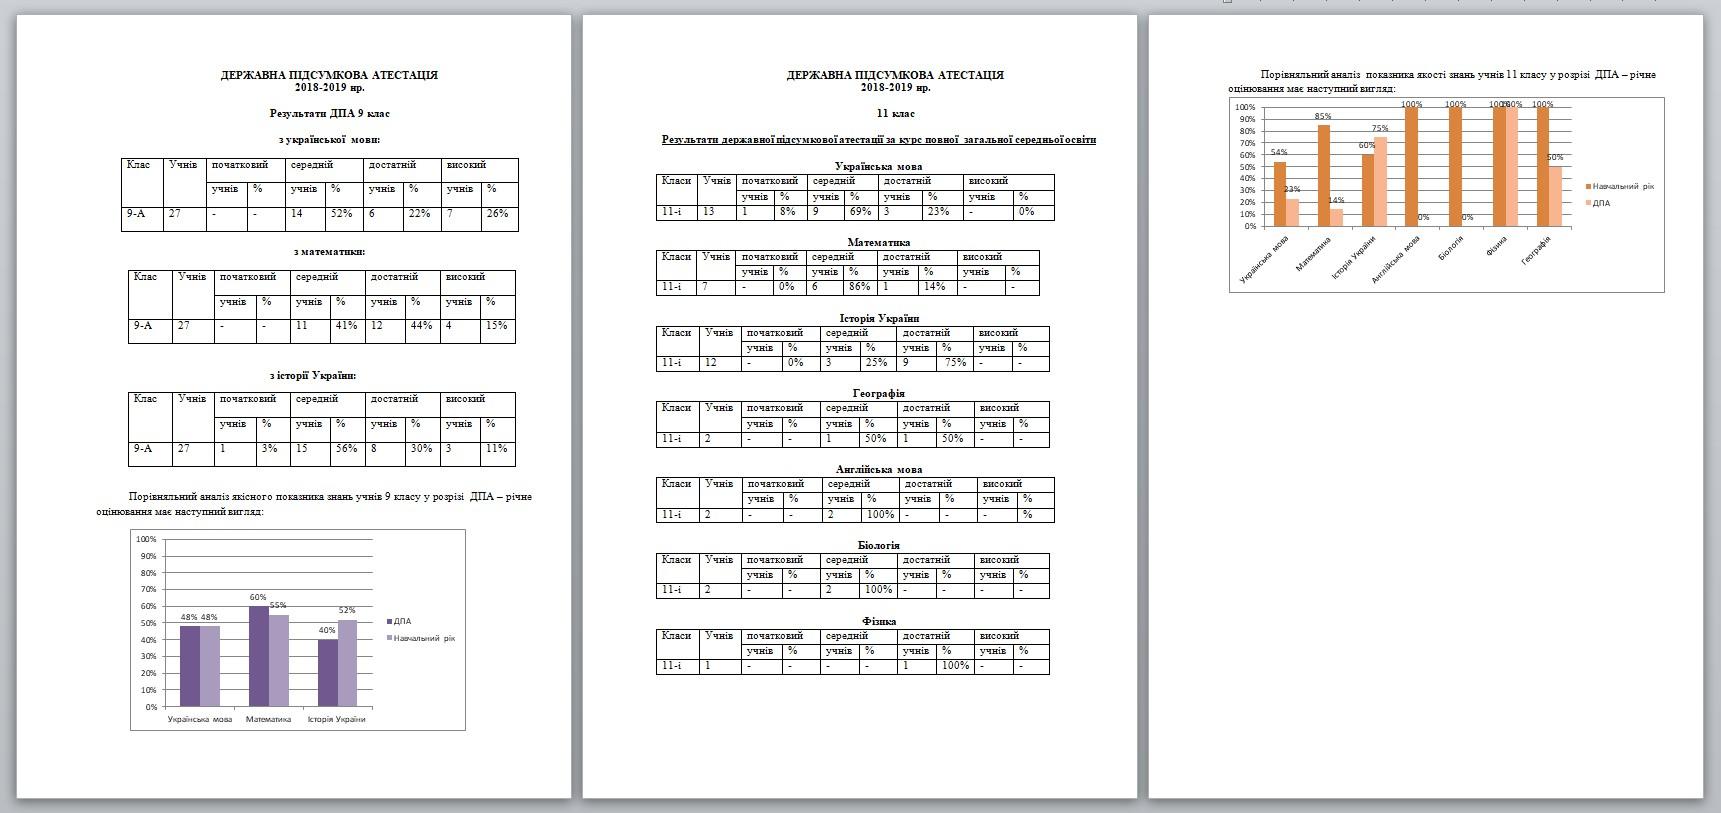 Результати моніторингу якості освіти V3